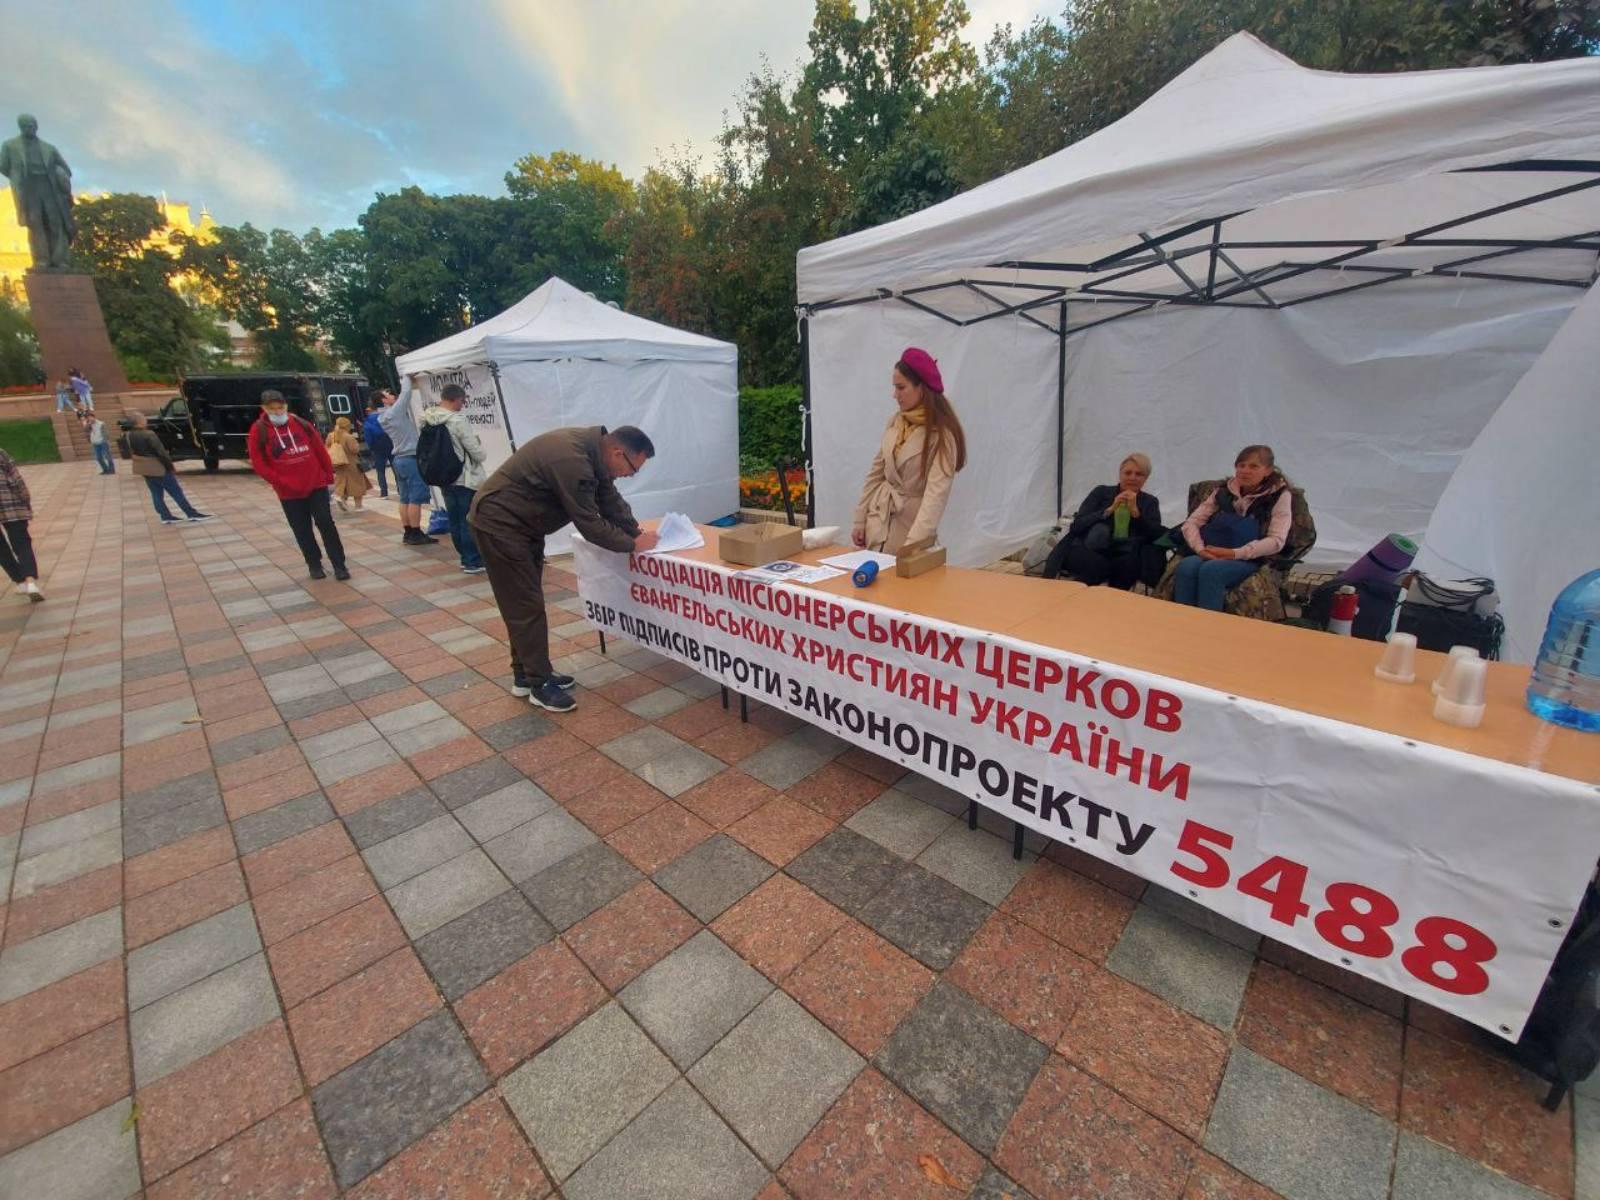 Понад десять громадських організацій підтримали судовий позов до уряду проти законопроекту №5488